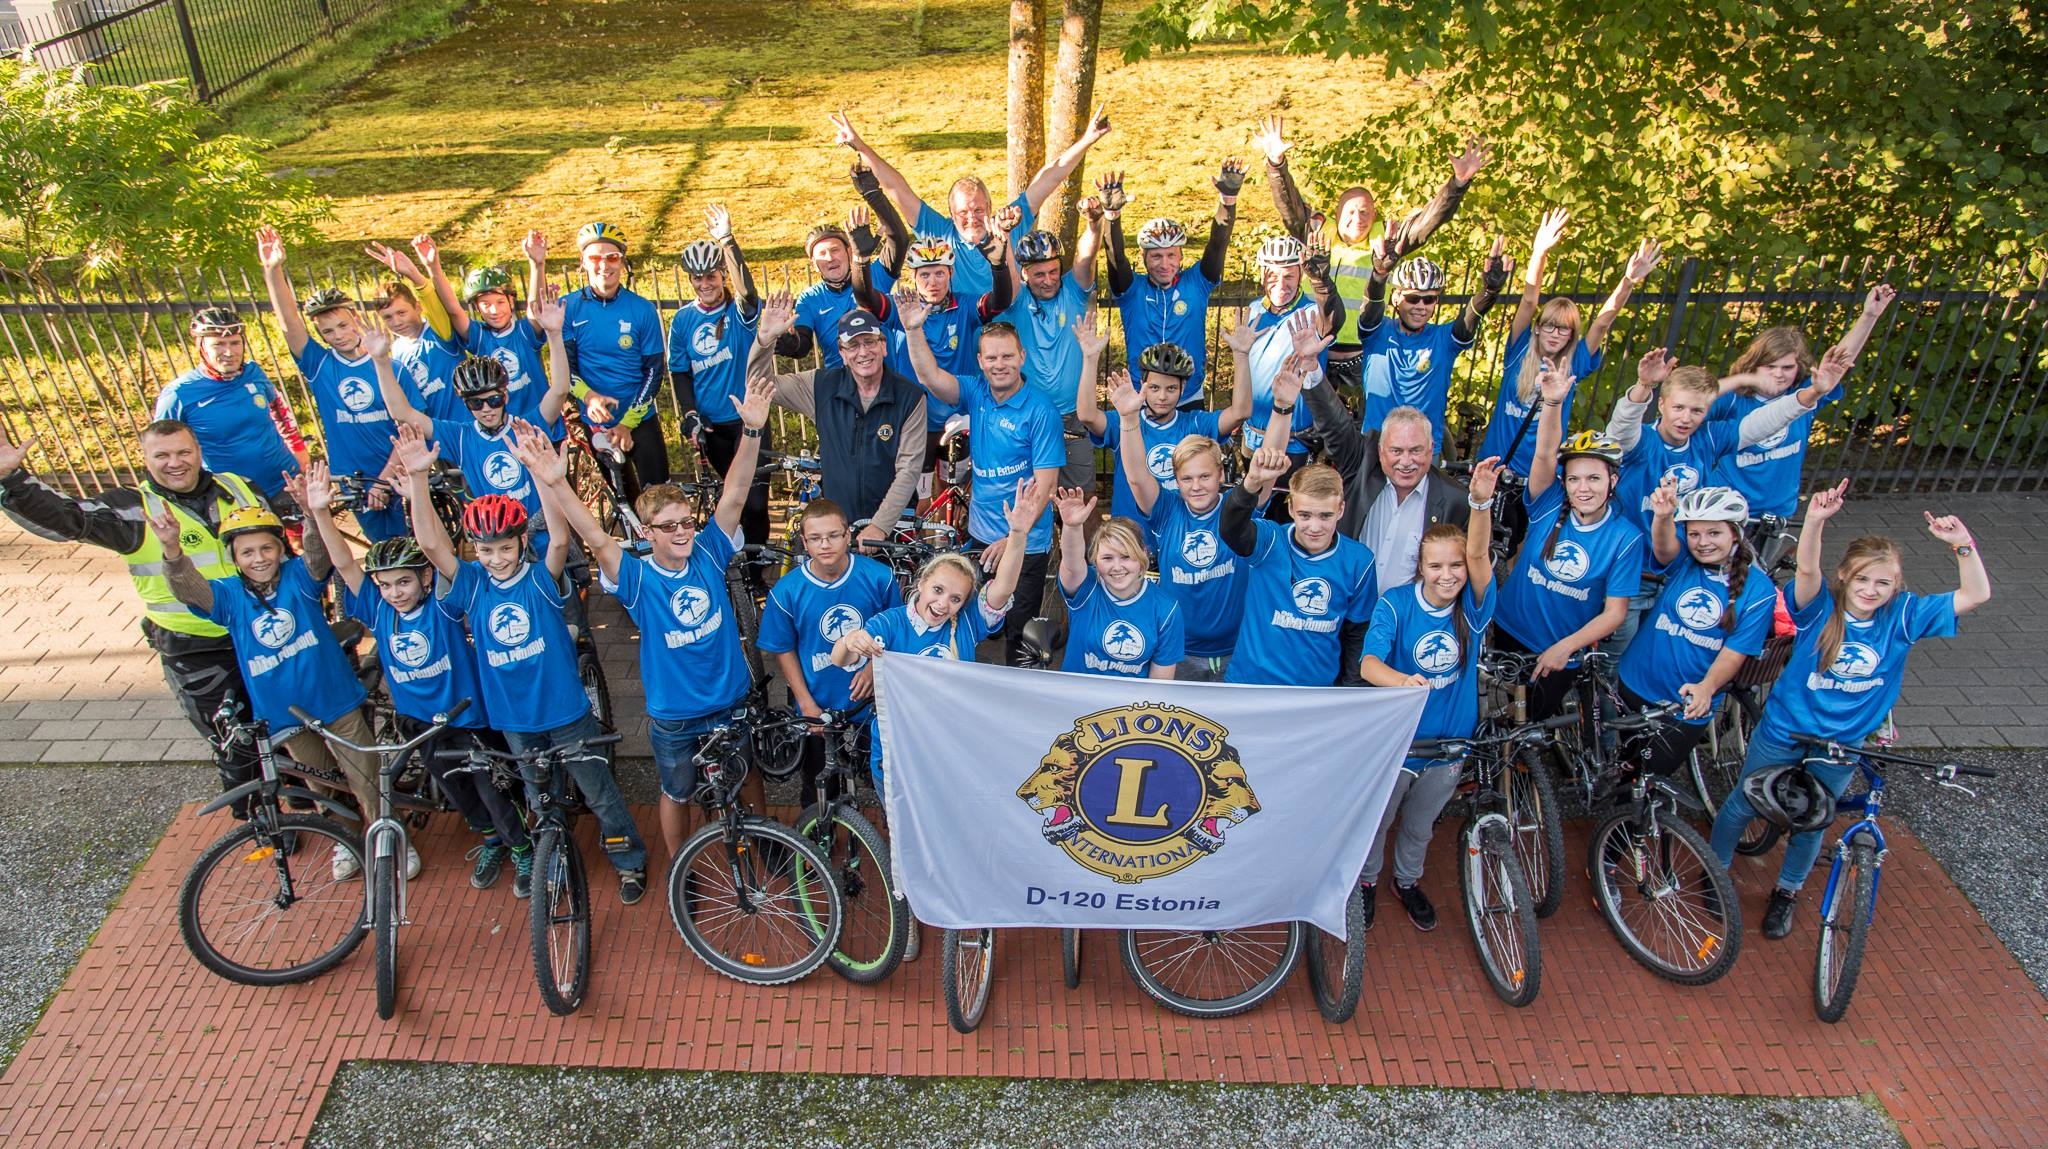 HEATEGEVUSLIK RATARETK! Nädalavahetusel toimub Eesti Lionite heategevuslik rattaretk